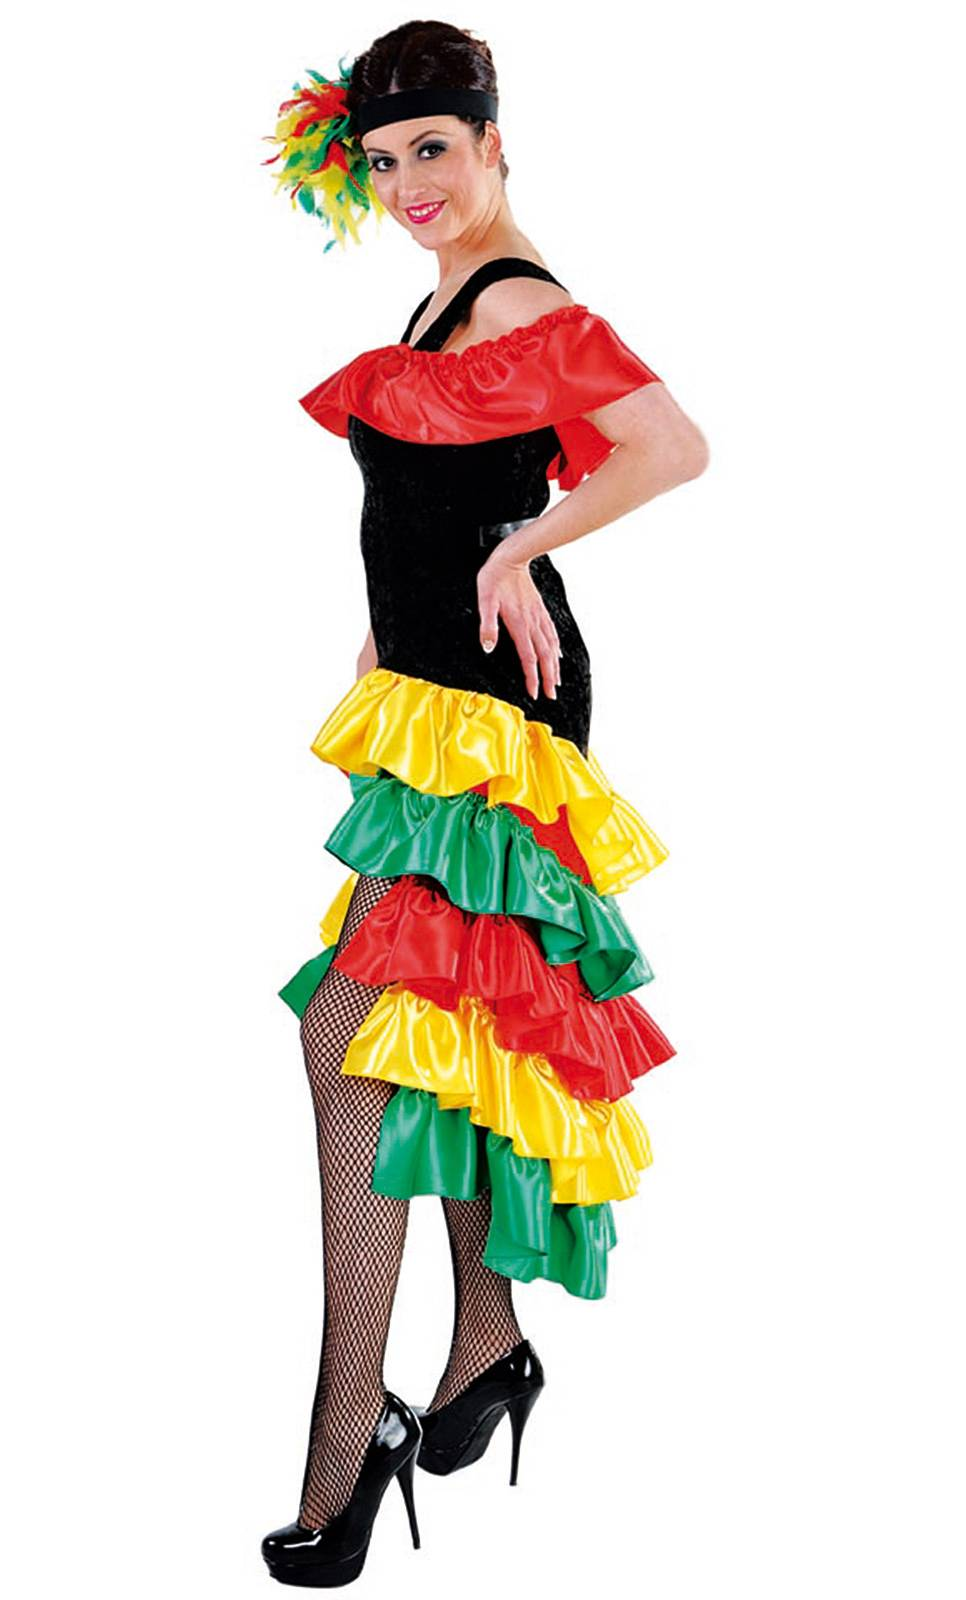 Costume-Brésilienne-Femme-3